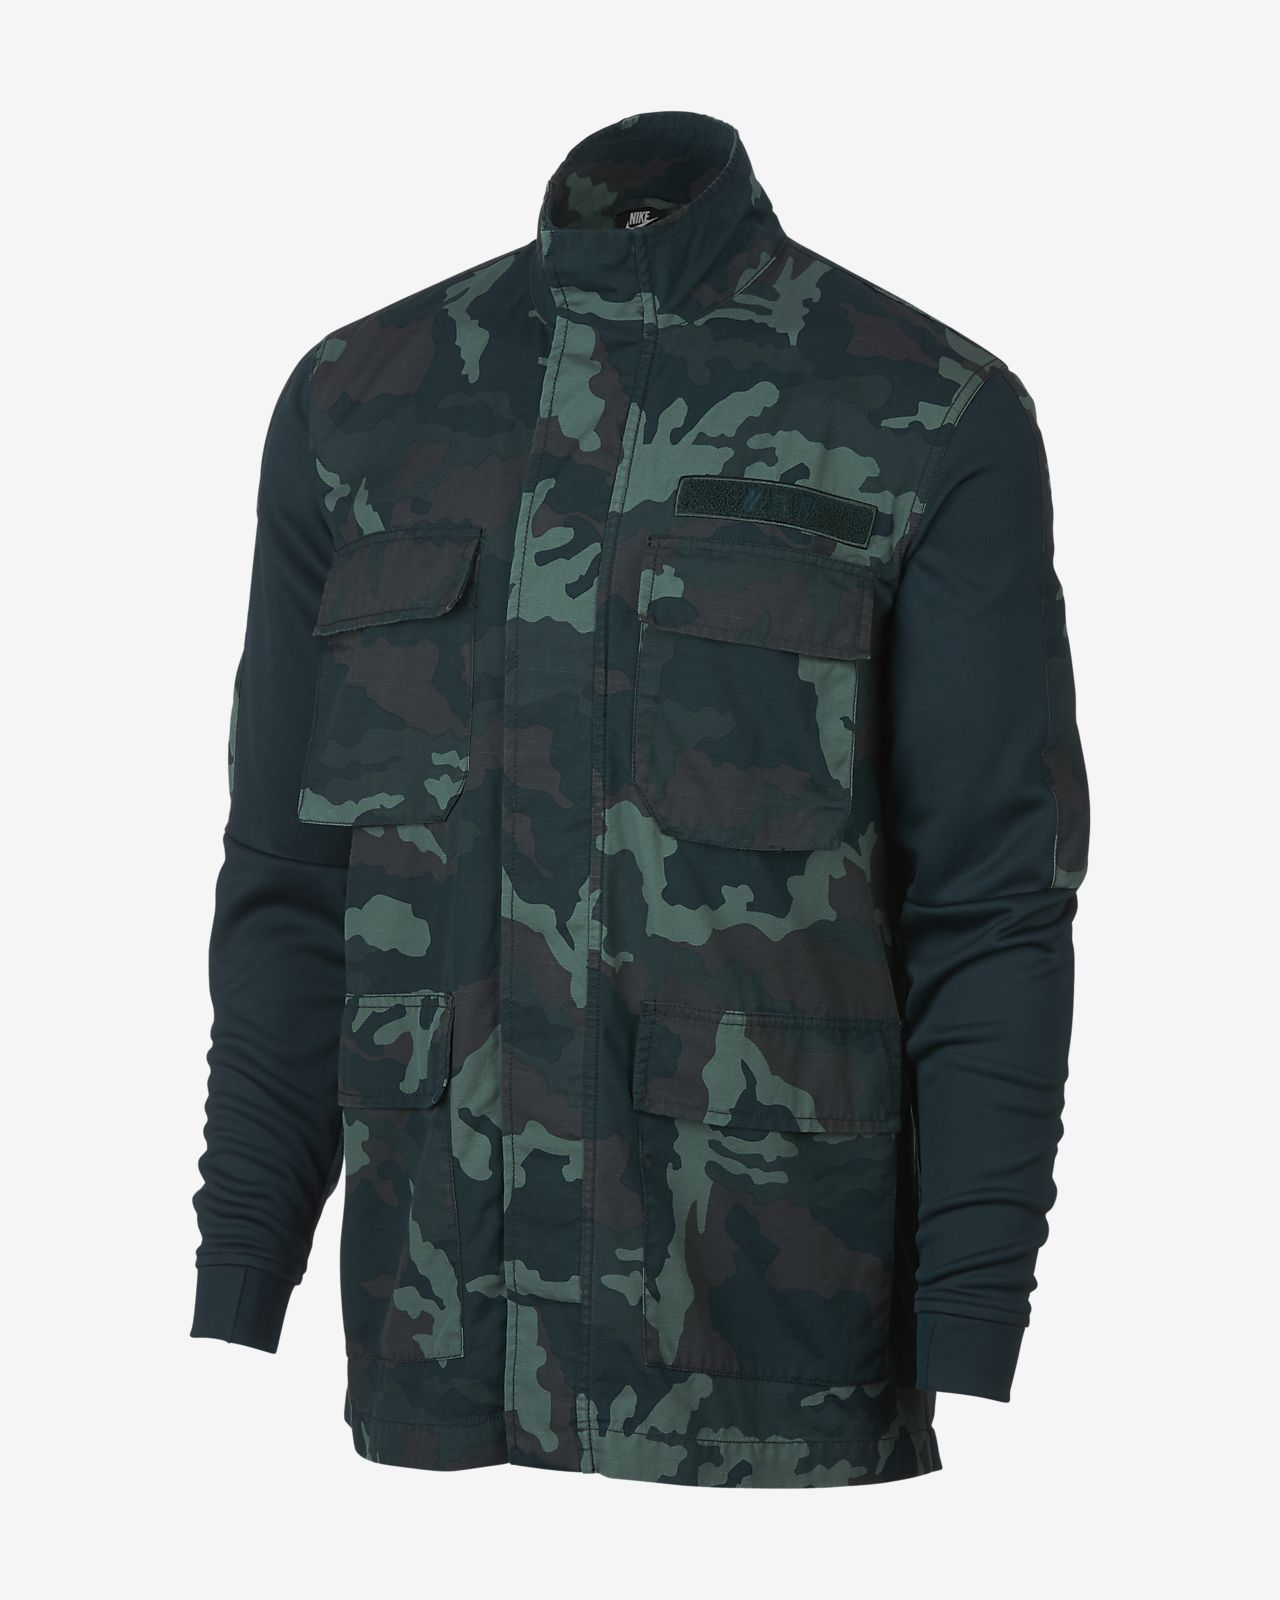 d27ad3c8e15f2 Nike Sportswear NSW Chaqueta de camuflaje - Hombre. Nike.com ES